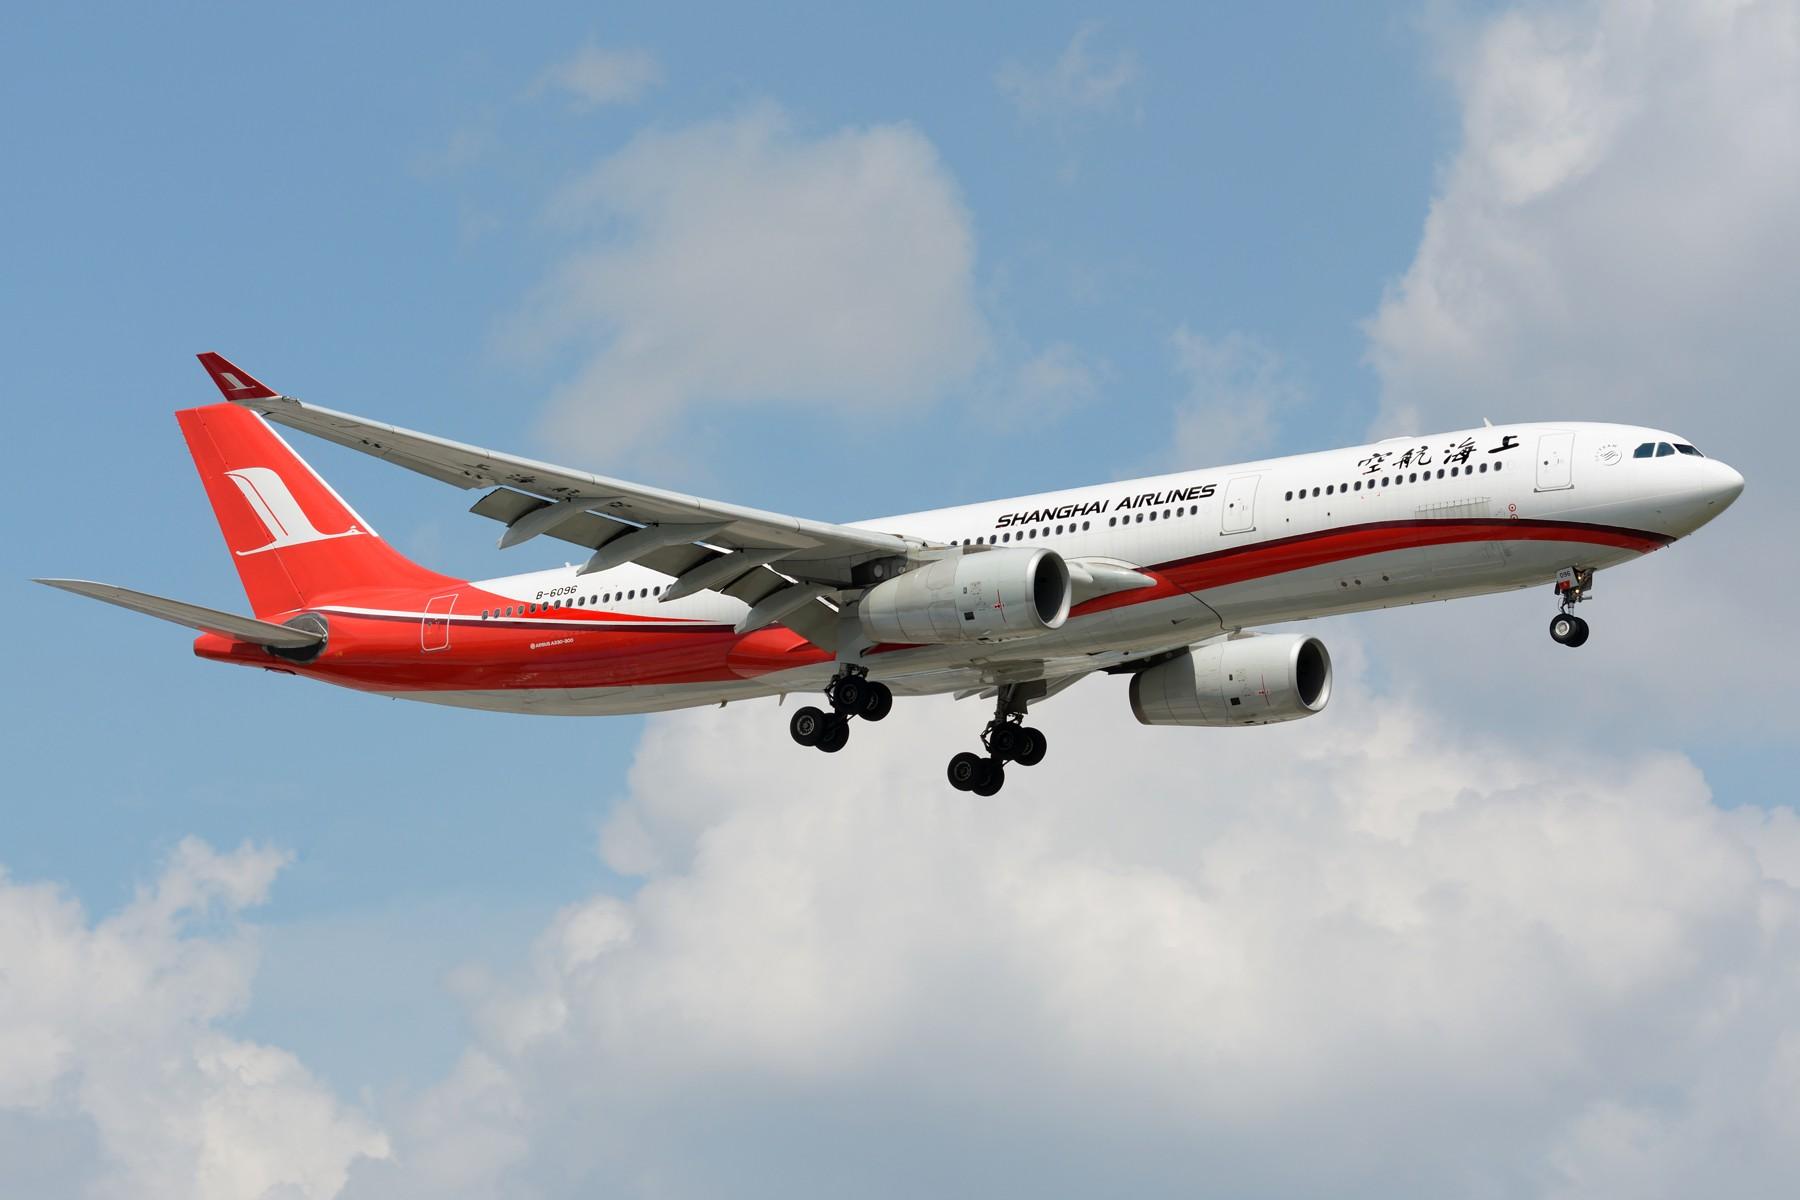 [原创]【SHA】上海航空A330-300机队 B-6096 B-6097 B-6127 AIRBUS A330-300 B-6096 中国上海虹桥国际机场